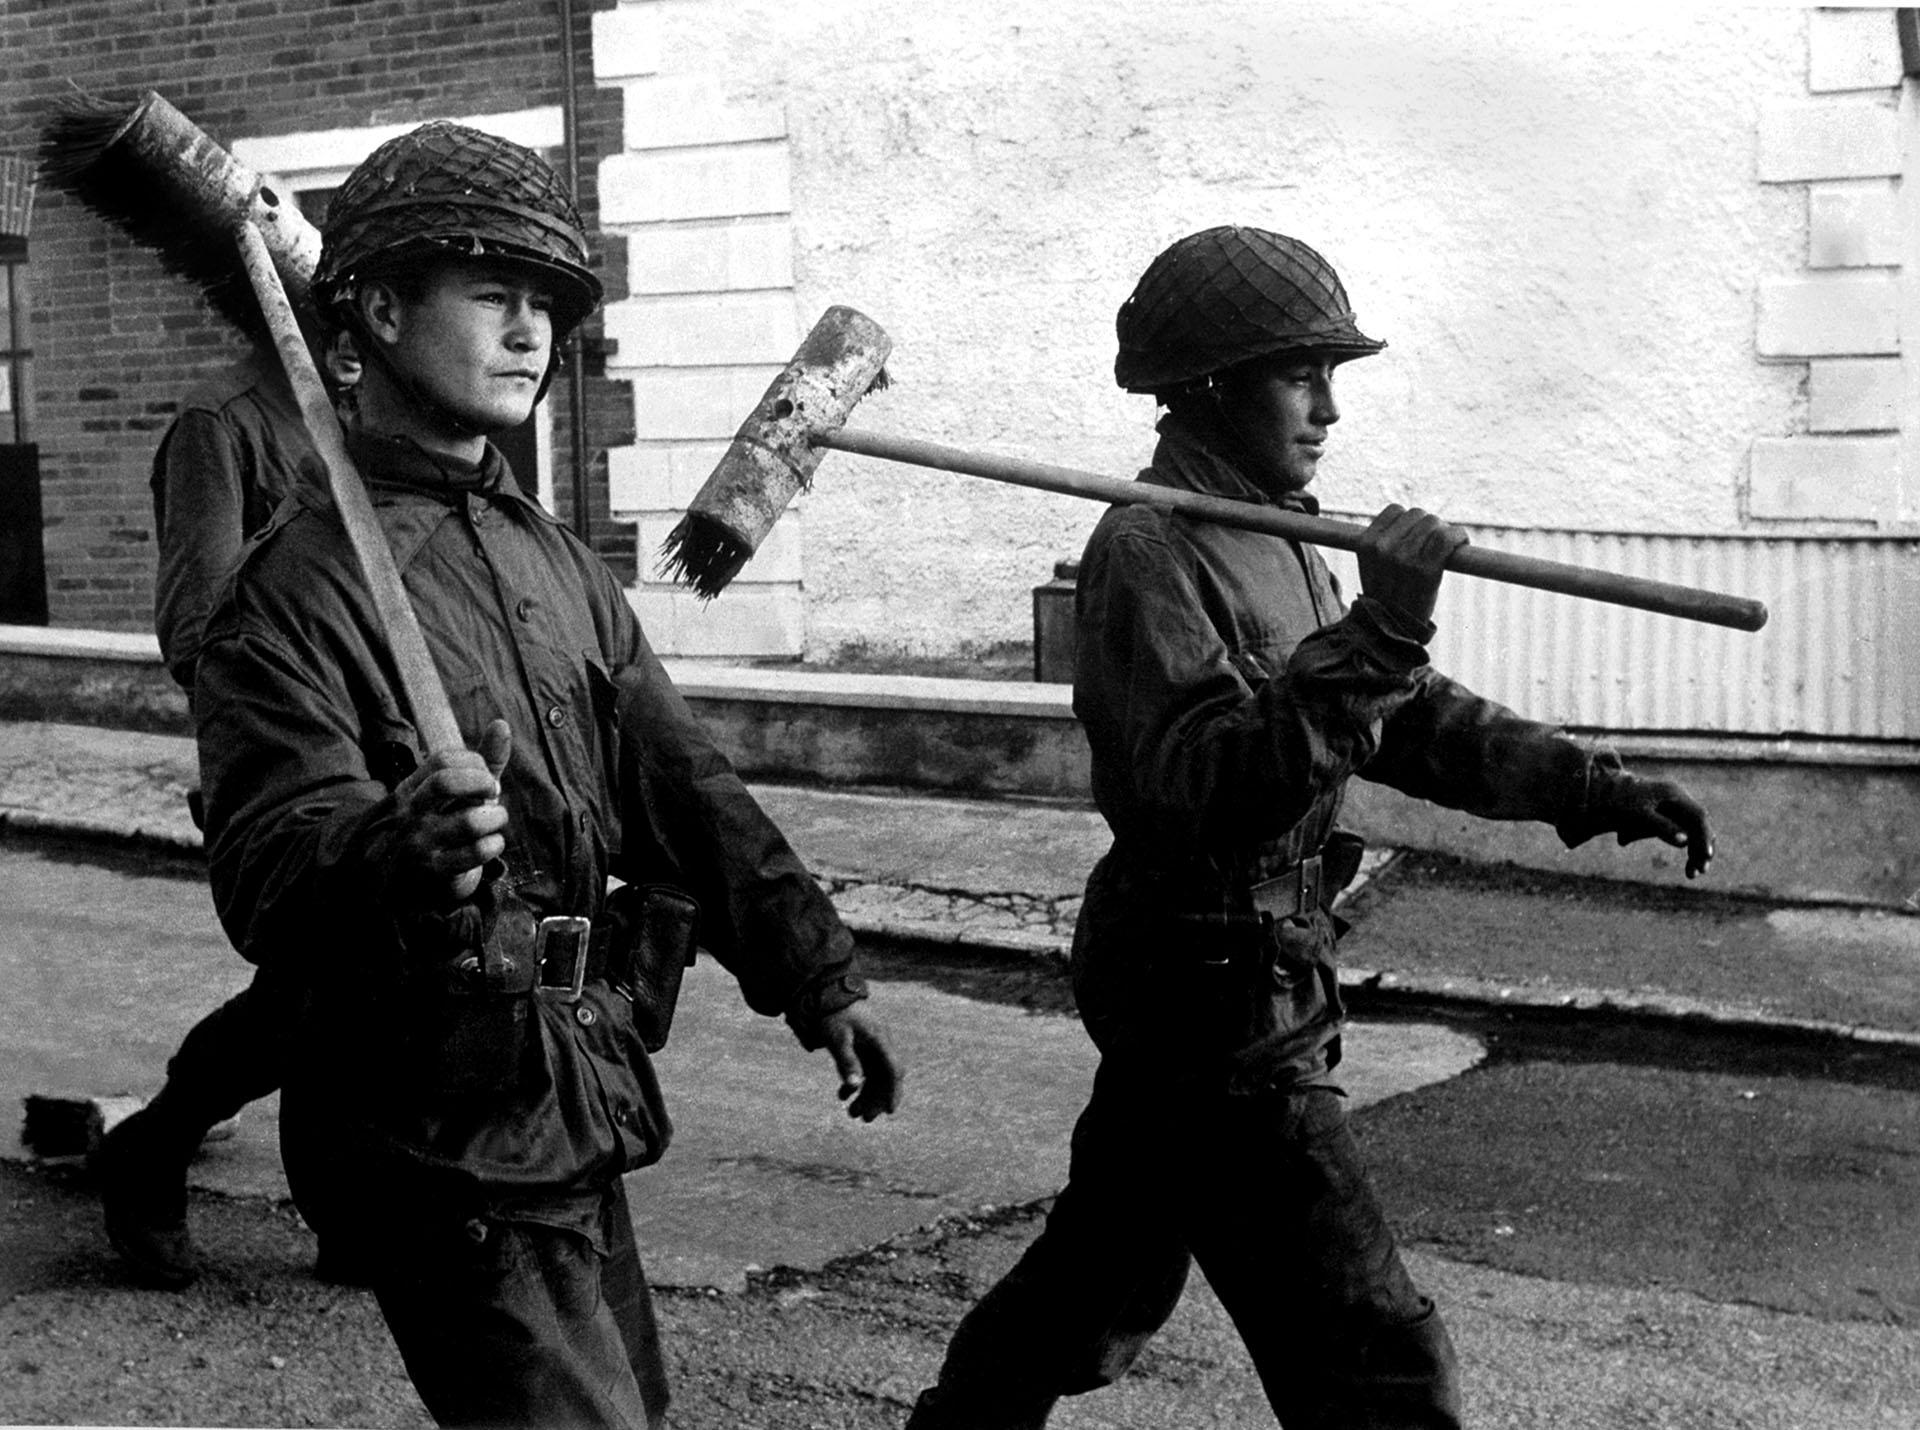 """Si bien son soldados que acaban de realizar una tarea de acción cívica, como mantener limpias las calles, para Eduardo Farré, el fotógrafo que captó la imagen, la cuestión pasa por otro lado:""""Es mi mirada sobre cualquier guerra. Los vi marchando con los escobillones al hombro como si fueran armas y me llamó la atención ese contraste con lo que se estaba viviendo""""."""